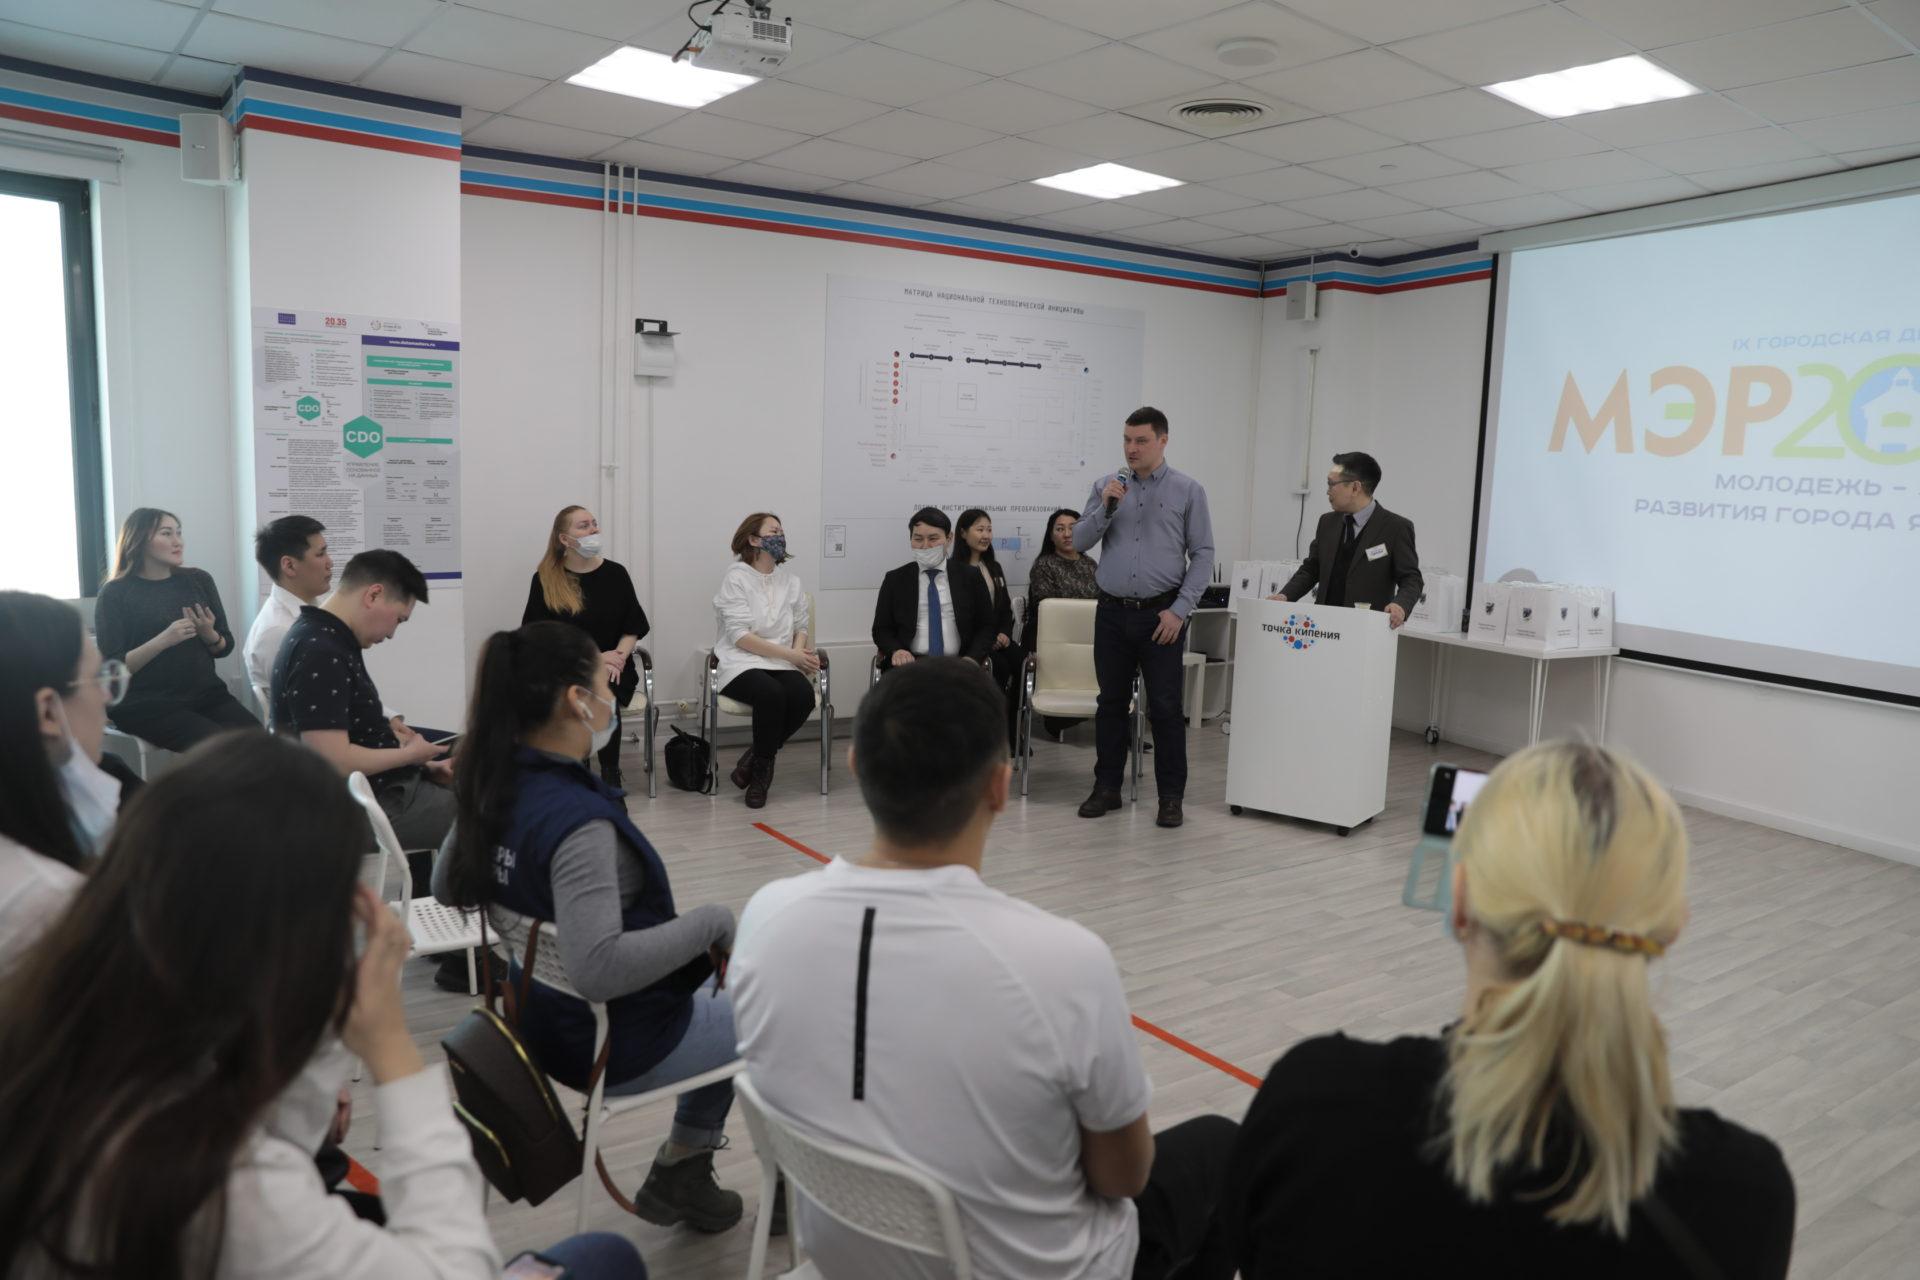 Итоги IX деловой игры «Молодежь – энергия развития» подвели в Якутске